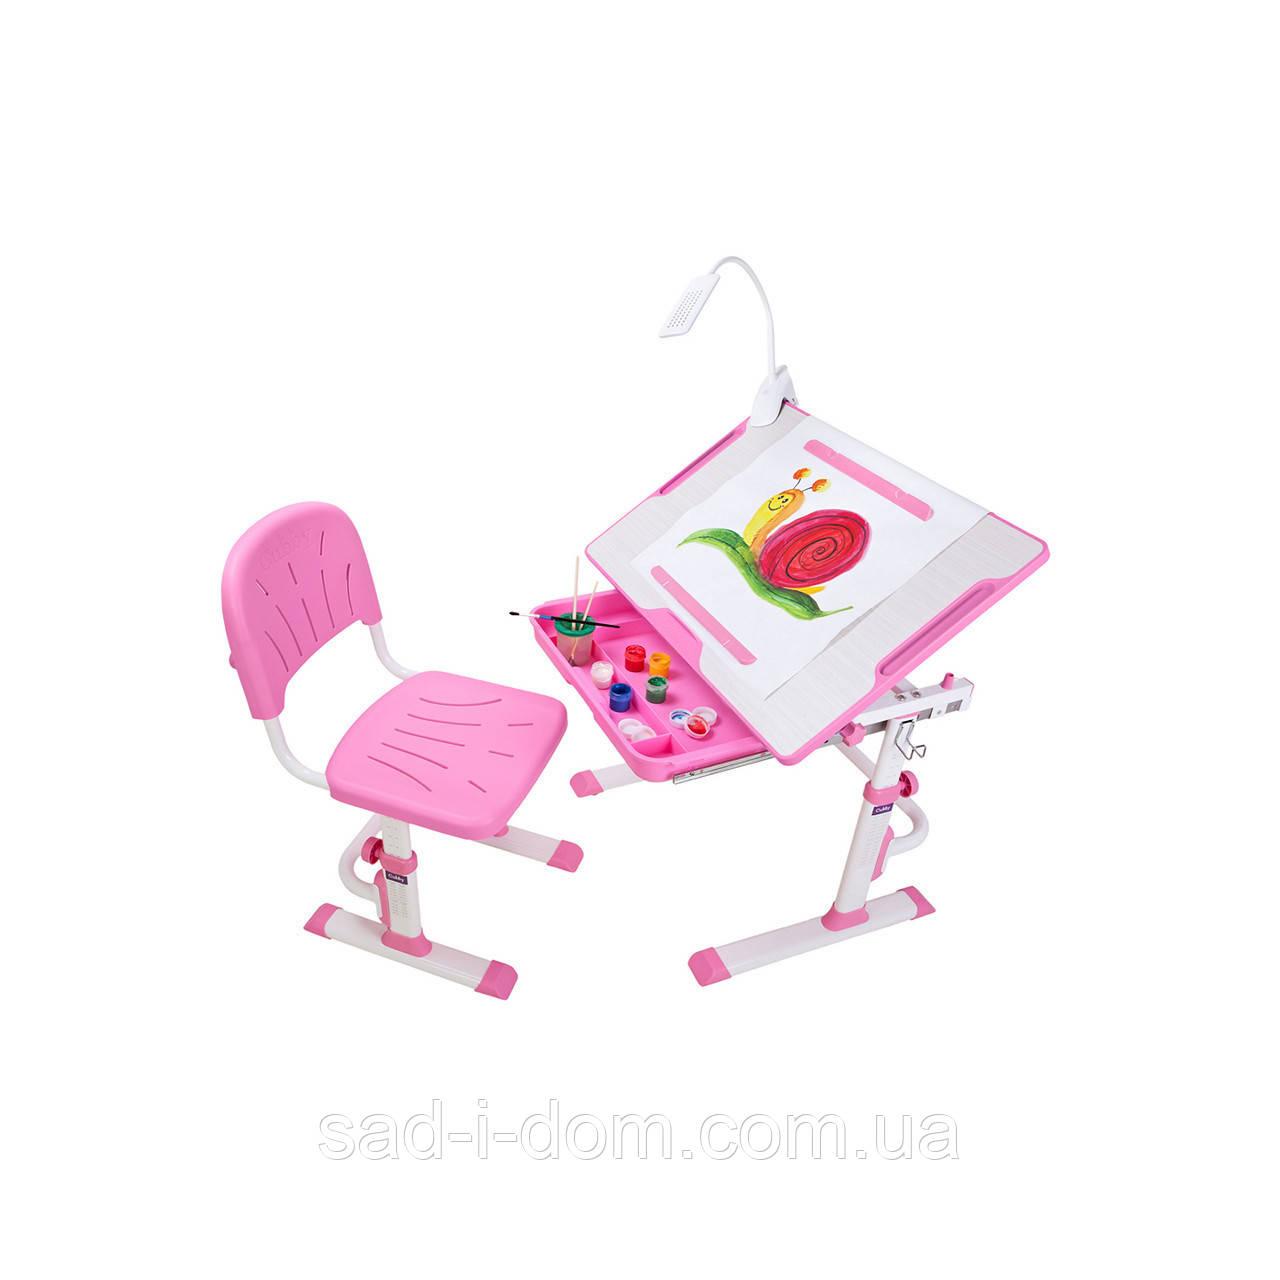 Детская парта и стул для школы Cubby Karo, розовая